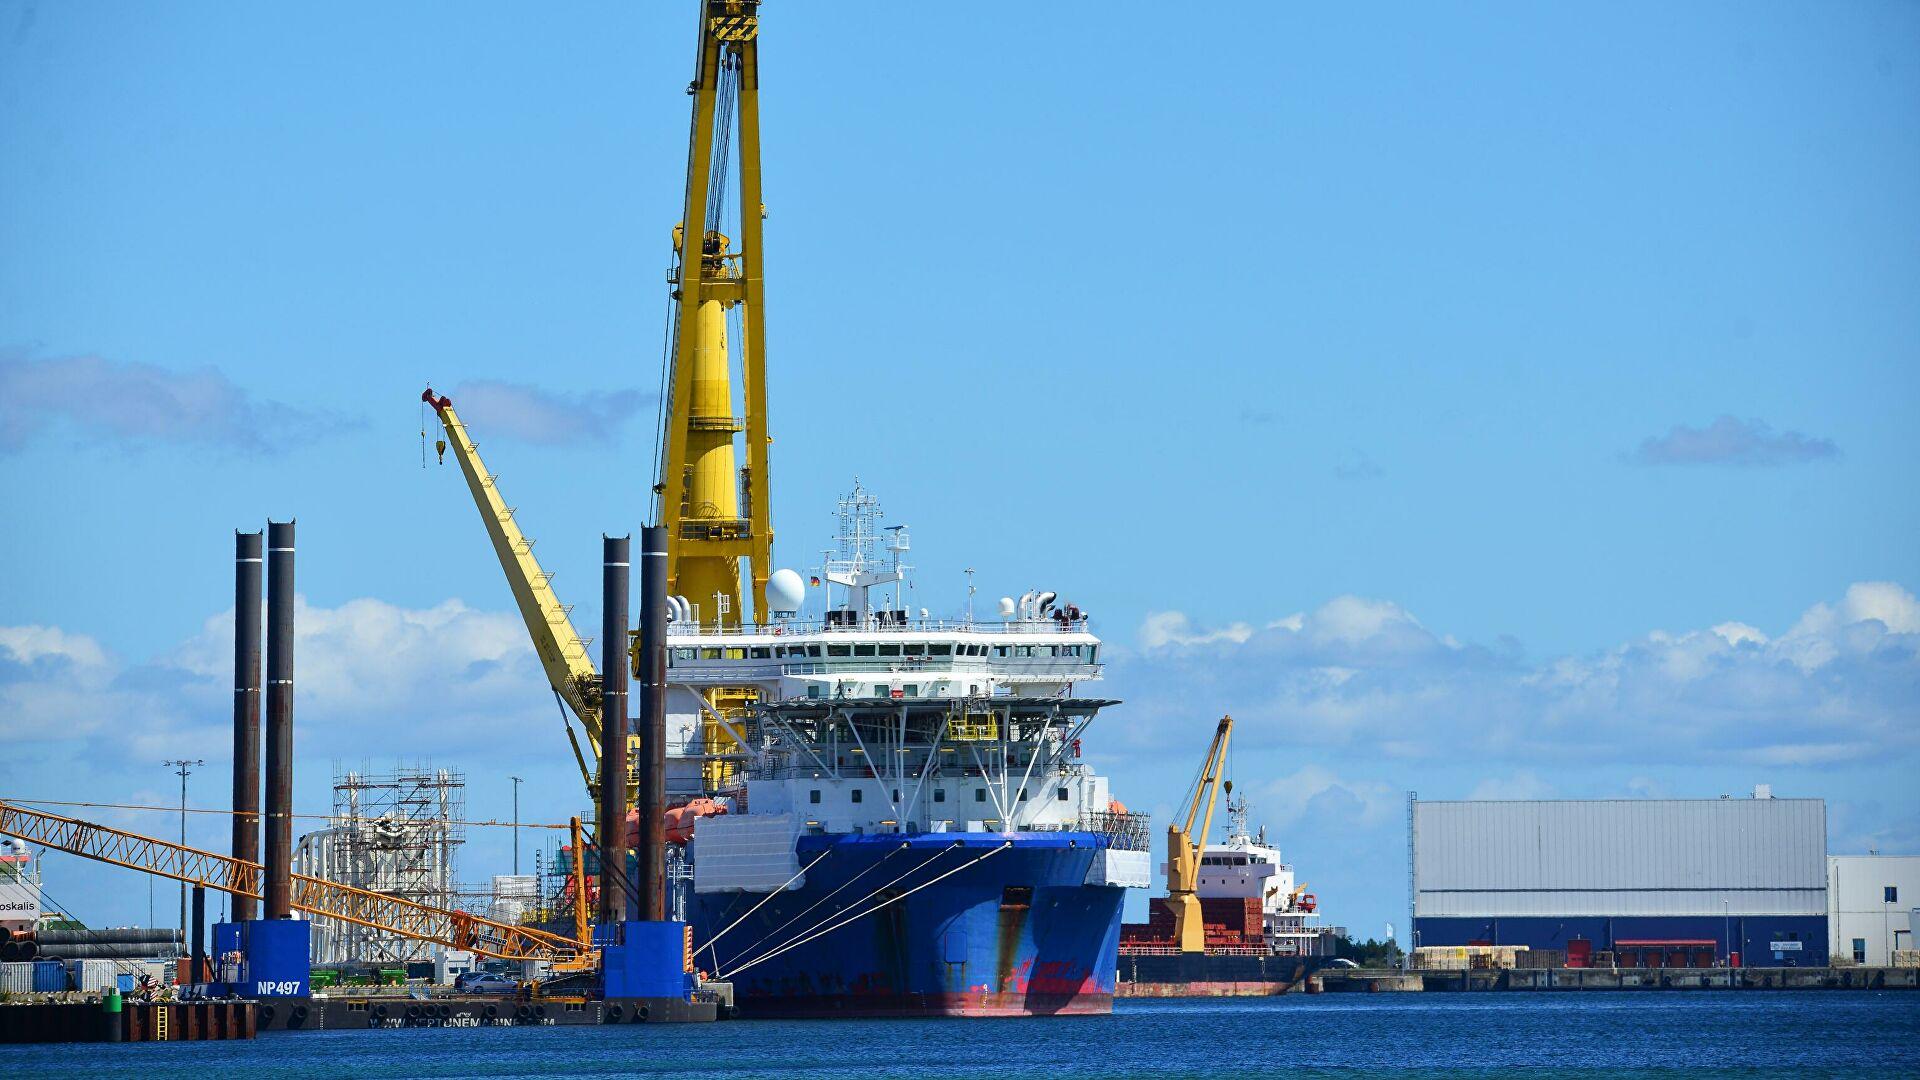 """Brod """"Fortuna"""" će postavljati cevi za preostali deo gasovoda """"Severni tok 2"""" u vodama Nemačke"""